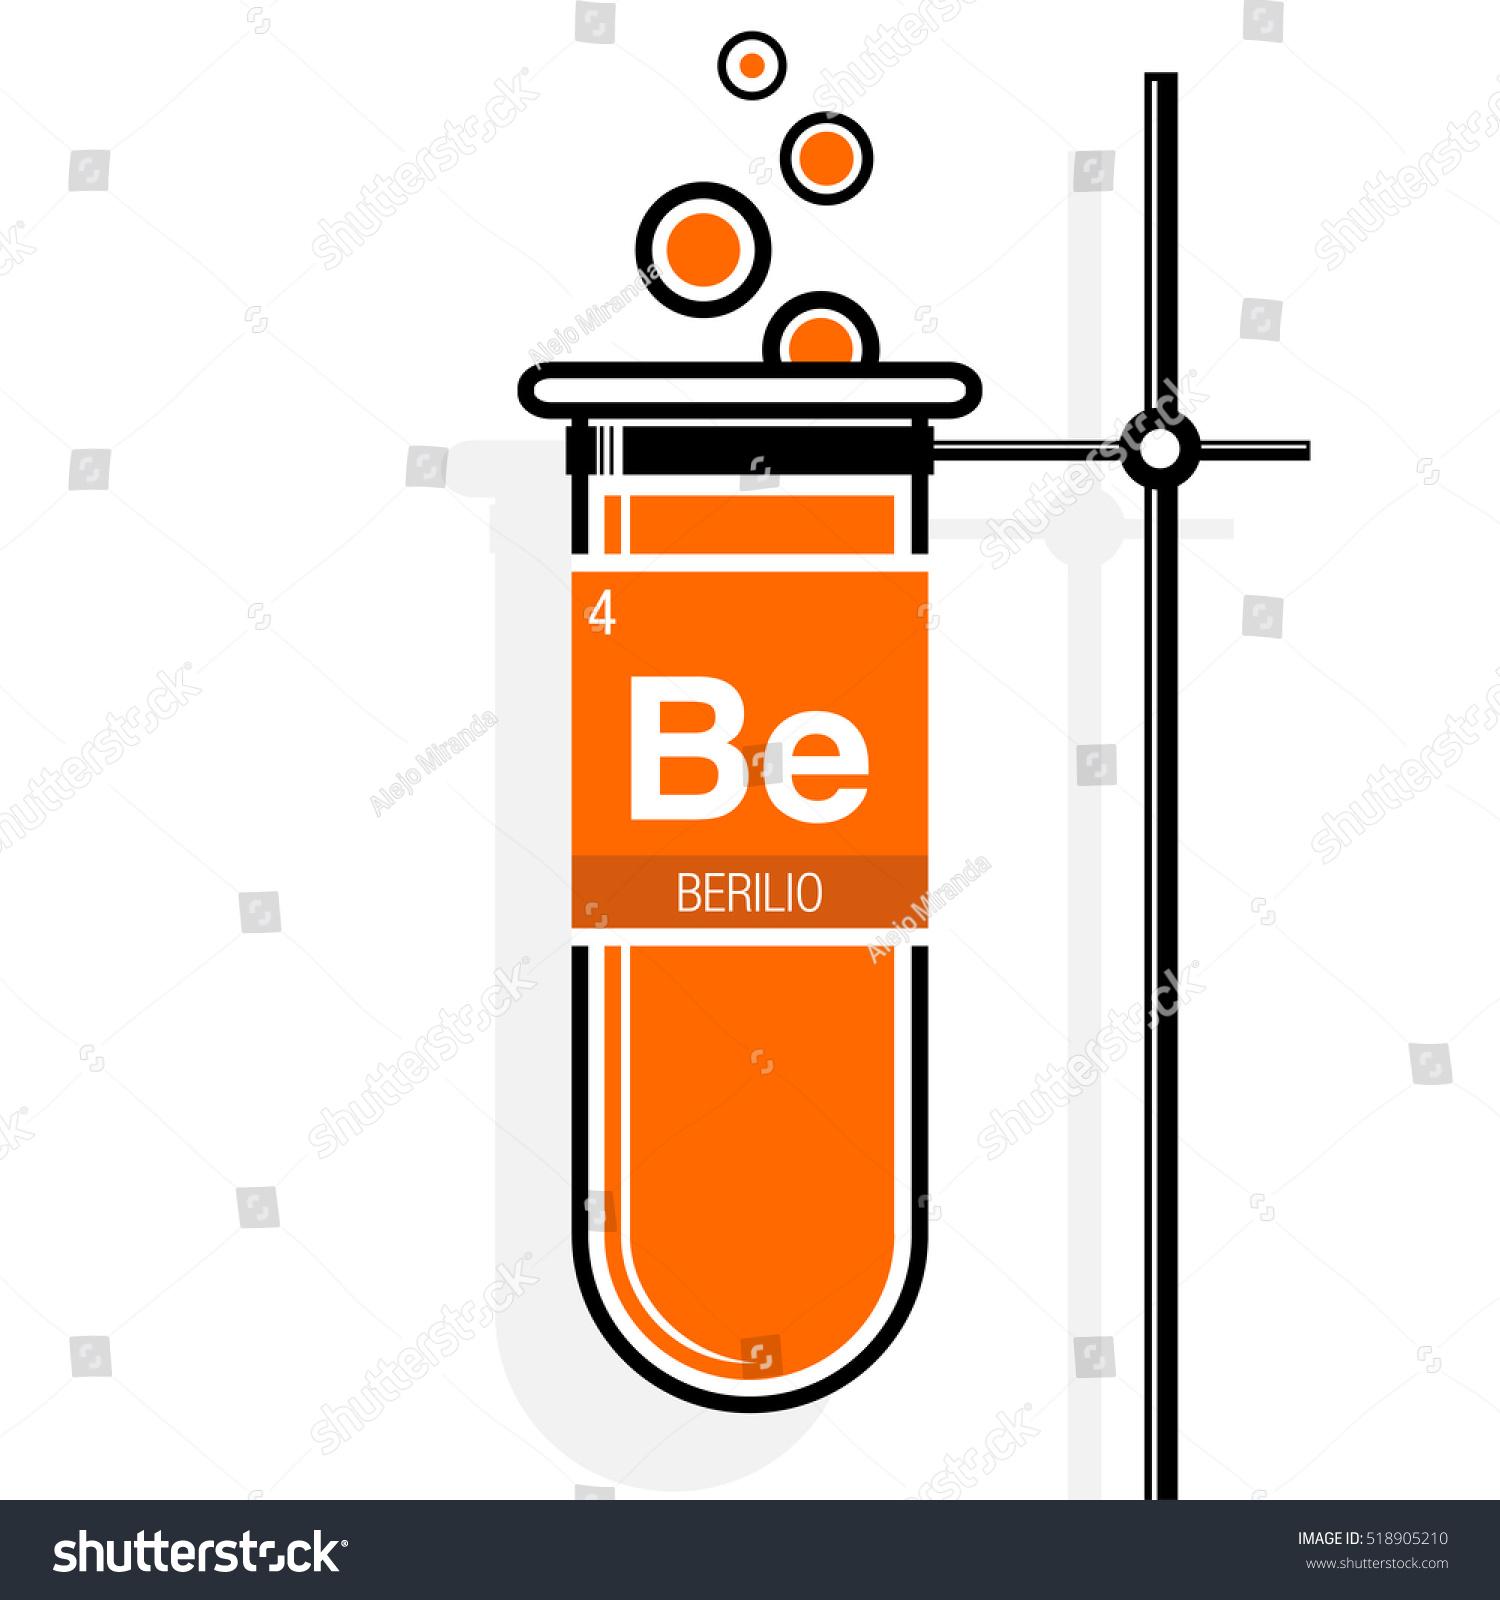 Berilio Symbol Beryllium Spanish Language On Stock Vector -6106